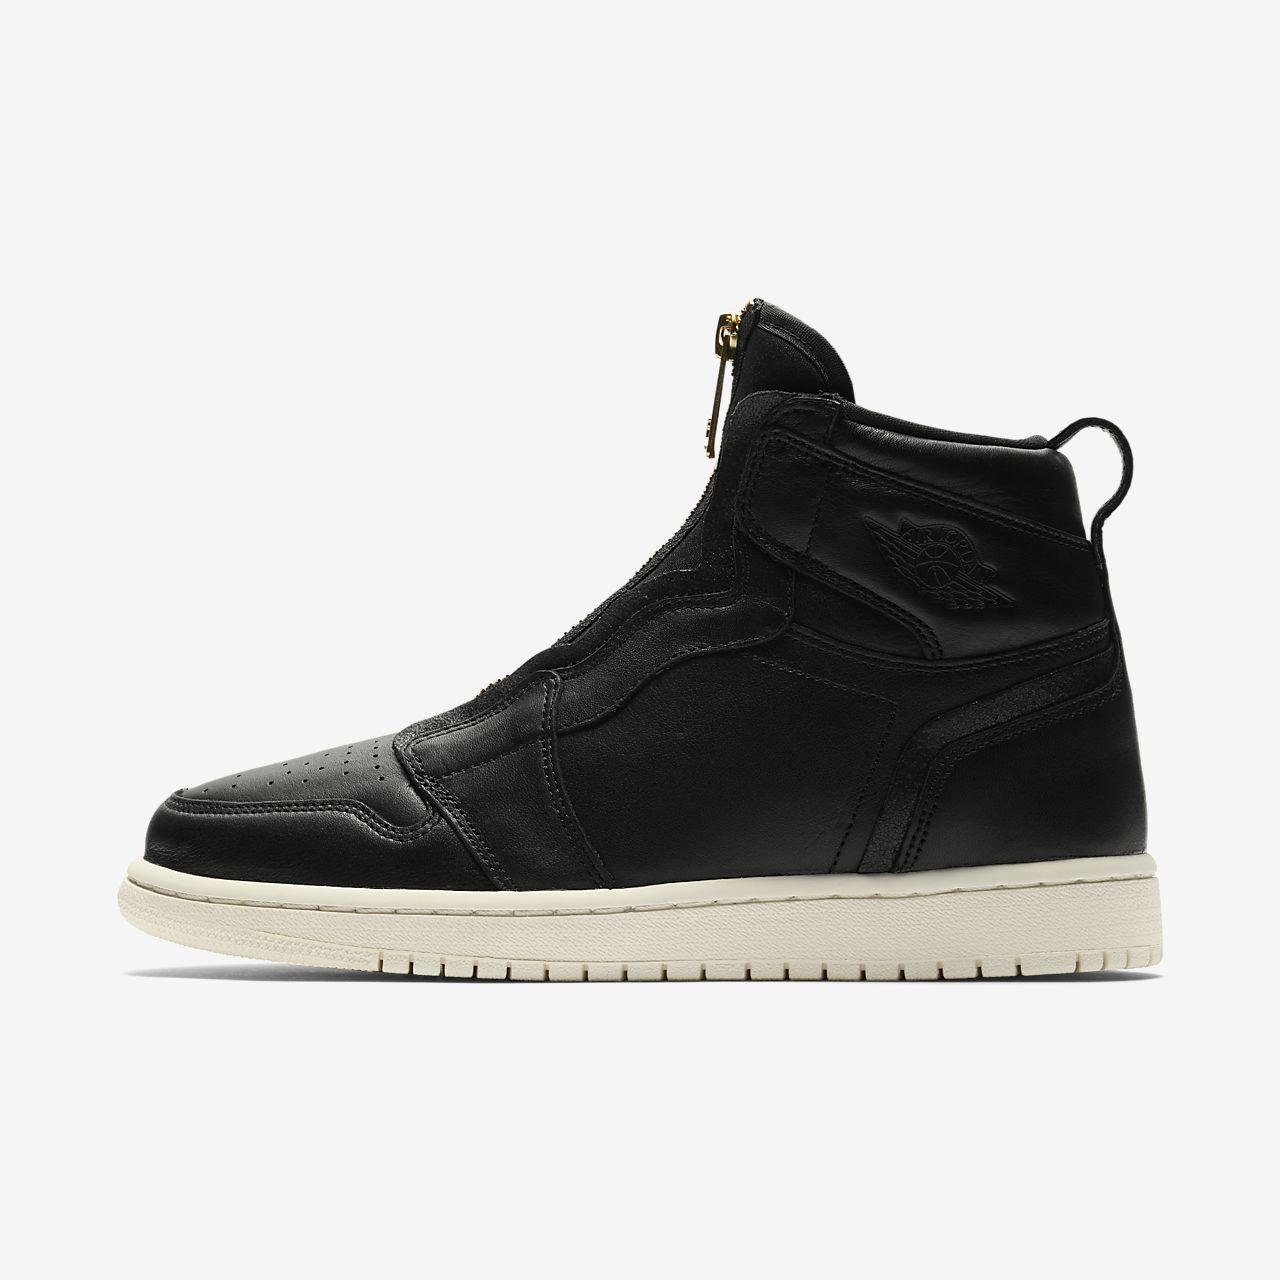 buy online c01c8 a9868 Calzado para mujer Air Jordan 1 High Zip